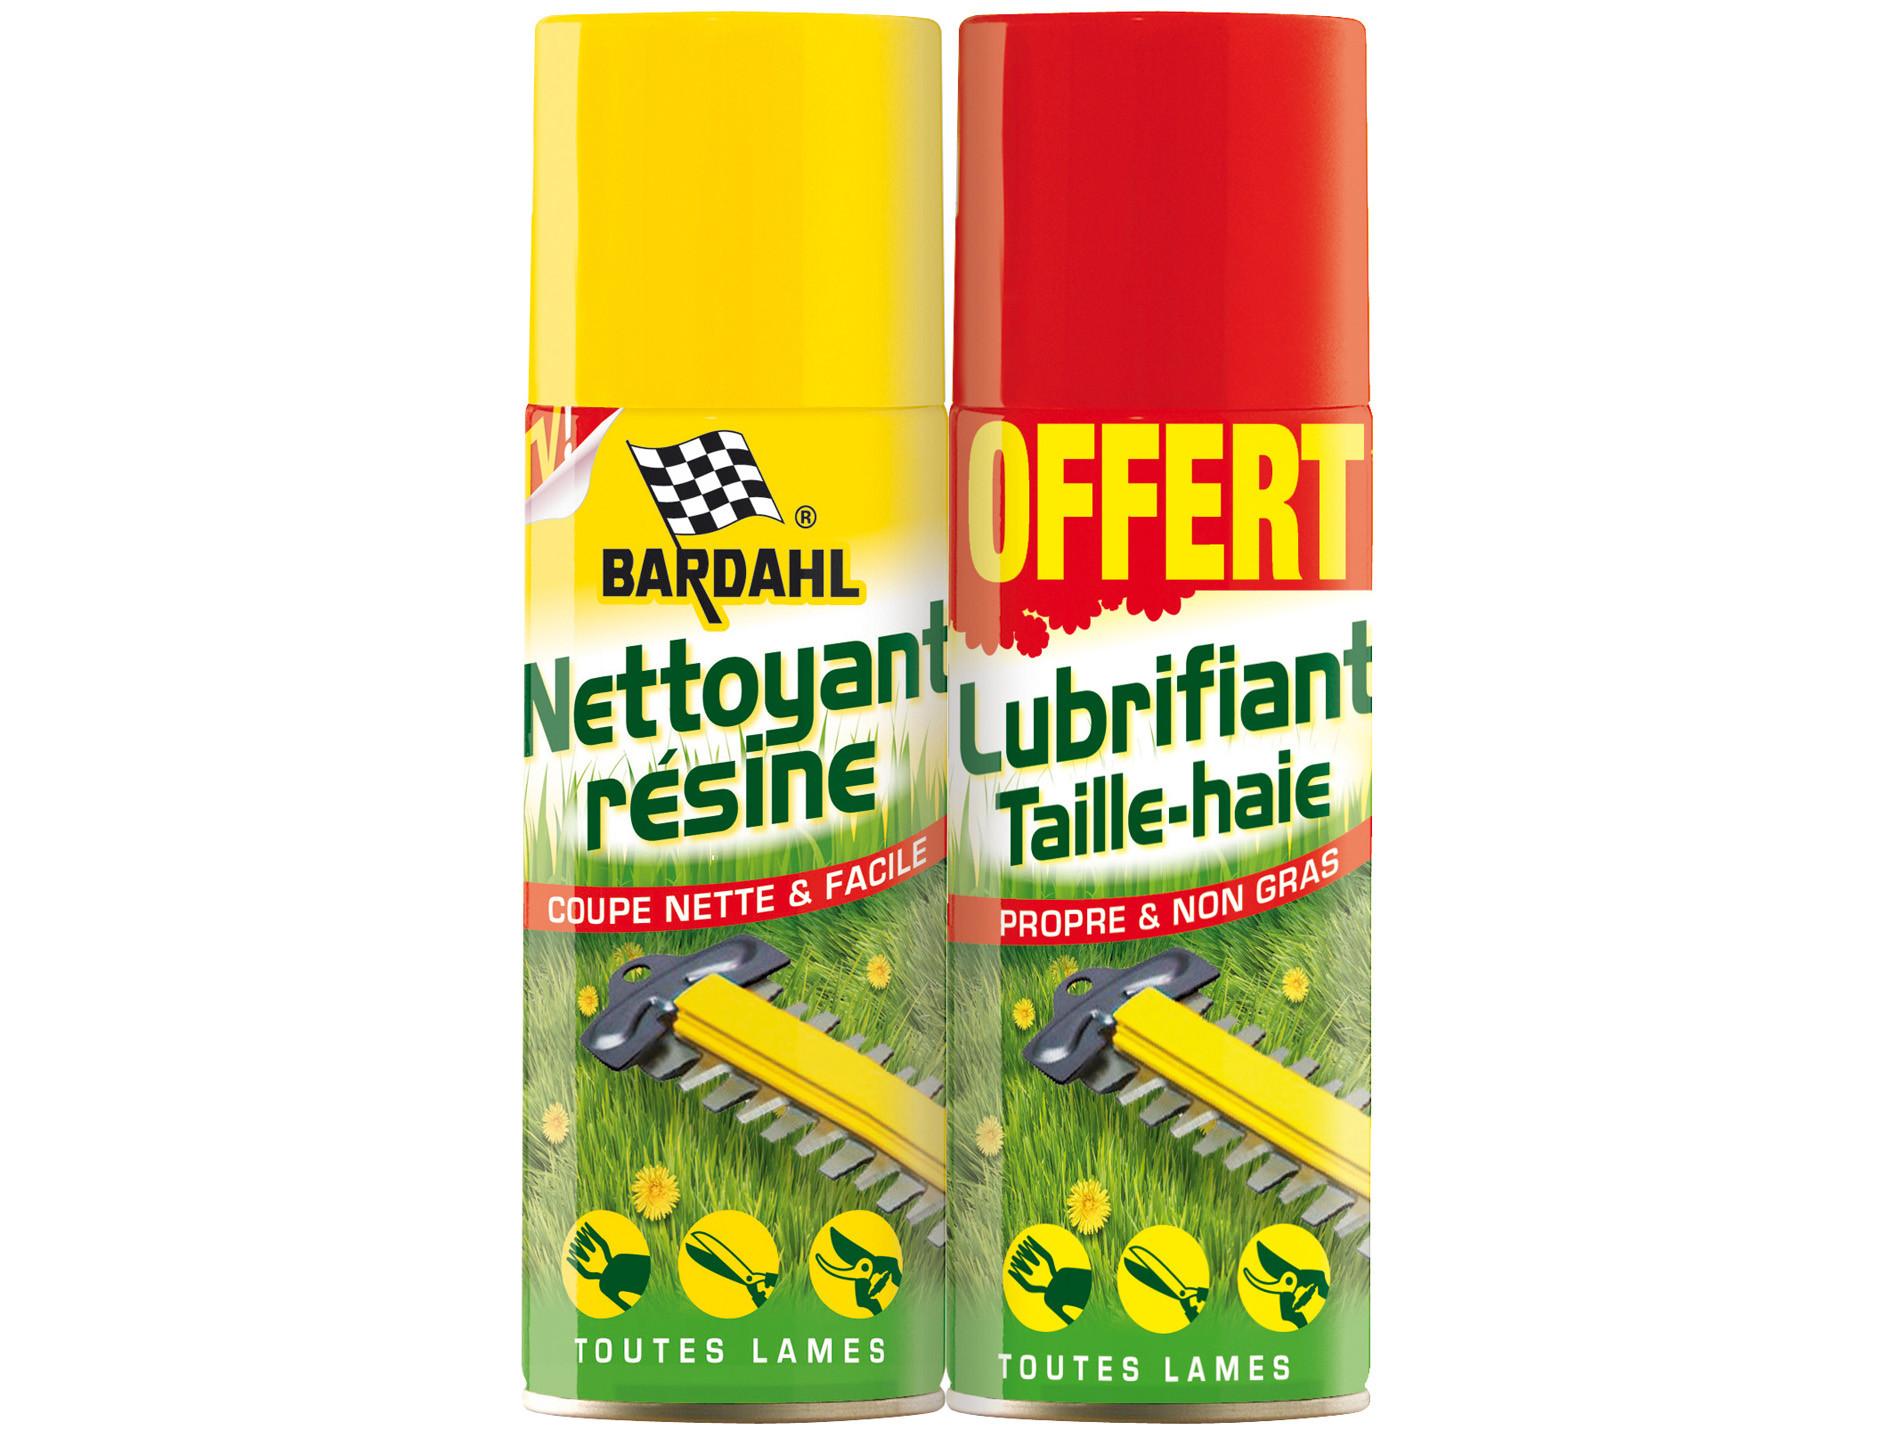 Nettoyant résine toutes lames 200 ml